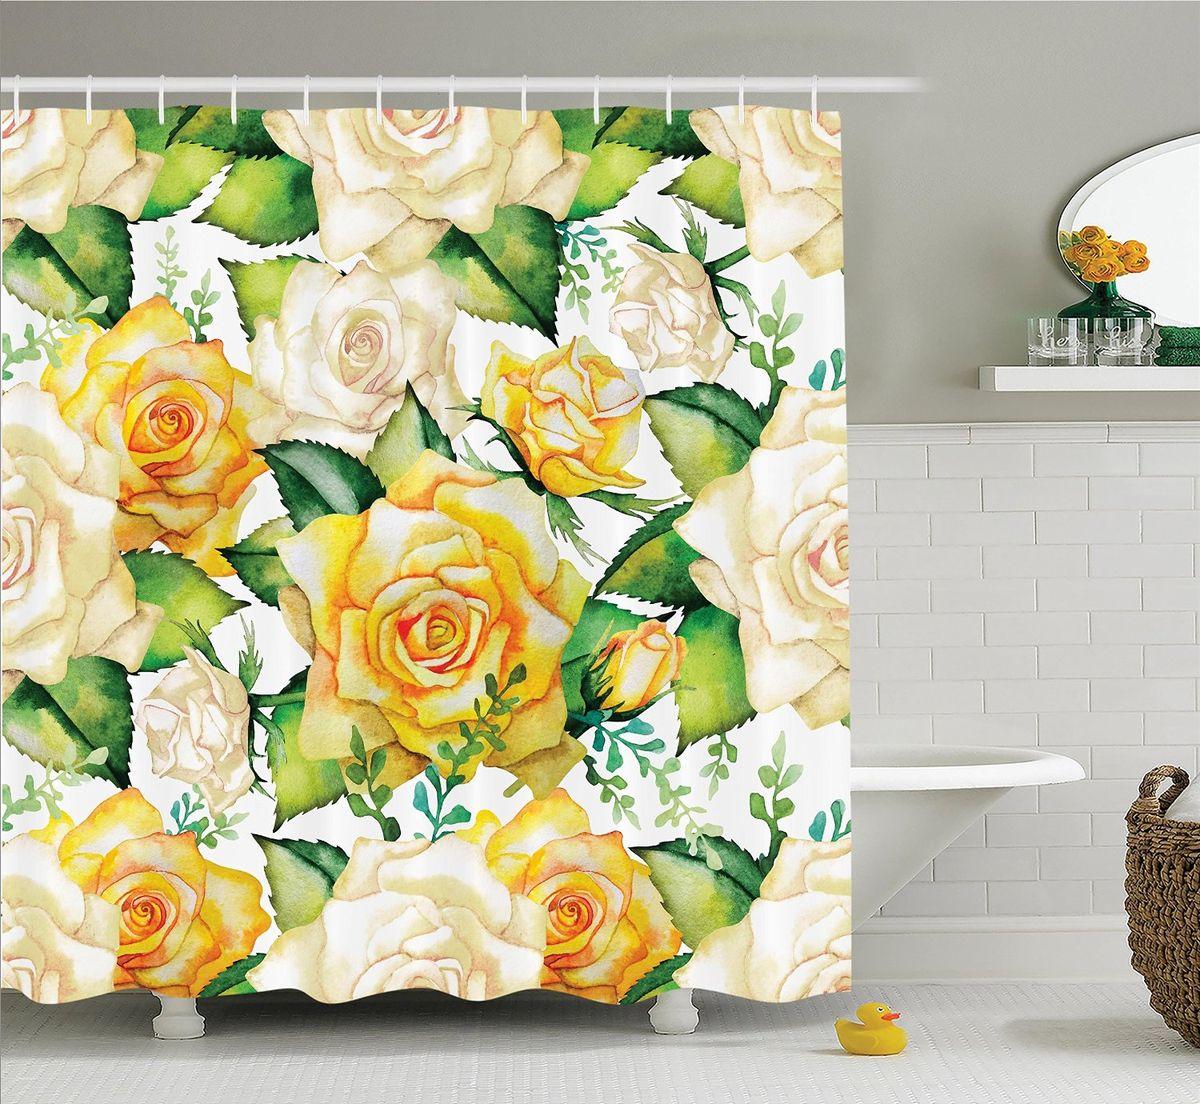 Штора для ванной комнаты Magic Lady Чайные розы, 180 х 200 смшв_14778Штора Magic Lady Чайные розы, изготовленная из высококачественного сатена (полиэстер 100%), отлично дополнит любой интерьер ванной комнаты. При изготовлении используются специальные гипоаллергенные чернила для прямой печати по ткани, безопасные для человека.В комплекте: 1 штора, 12 крючков. Обращаем ваше внимание, фактический цвет изделия может незначительно отличаться от представленного на фото.